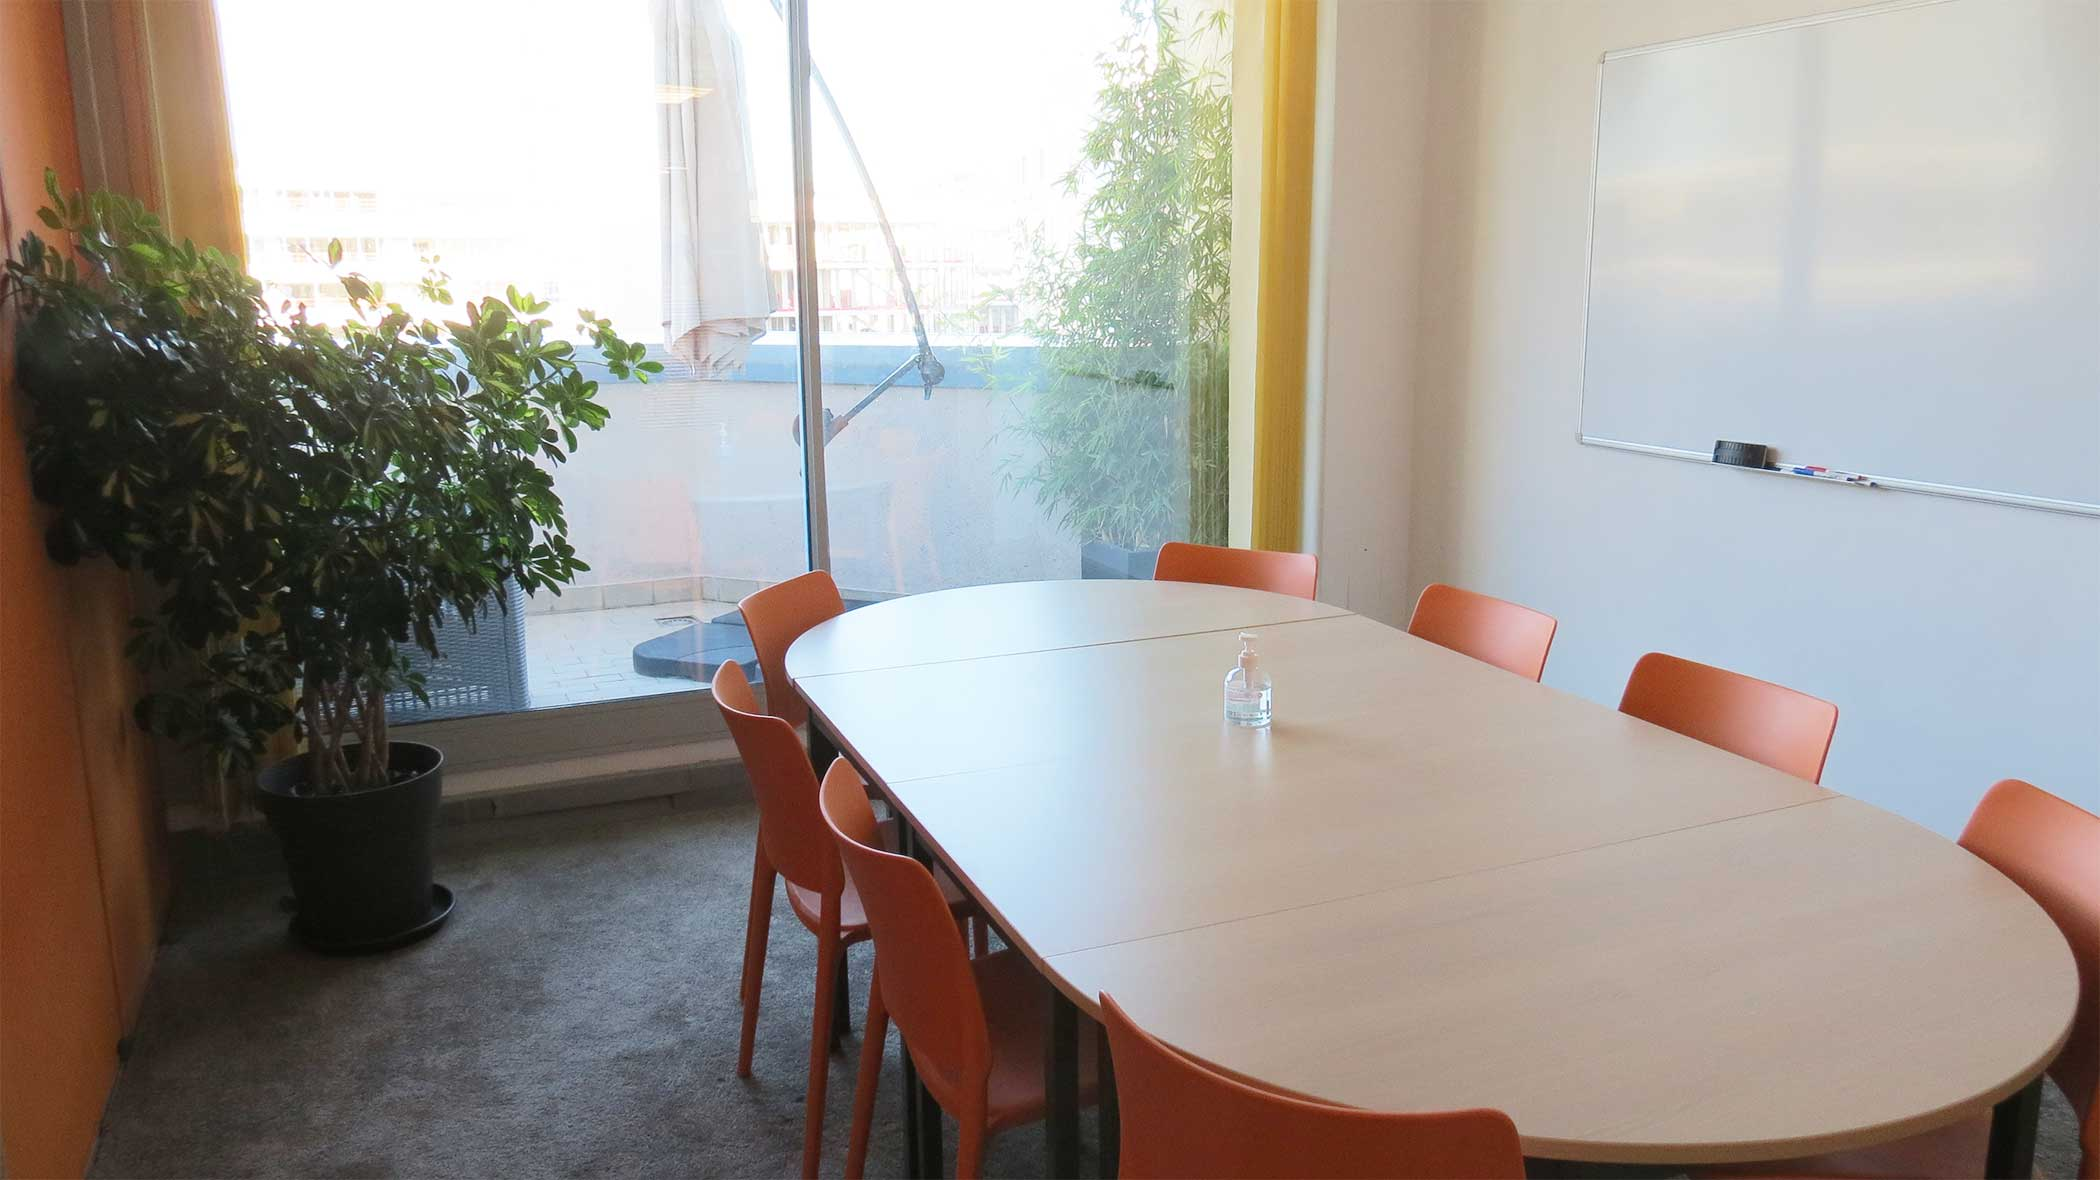 salle de réunion Nice Office calire et confortable